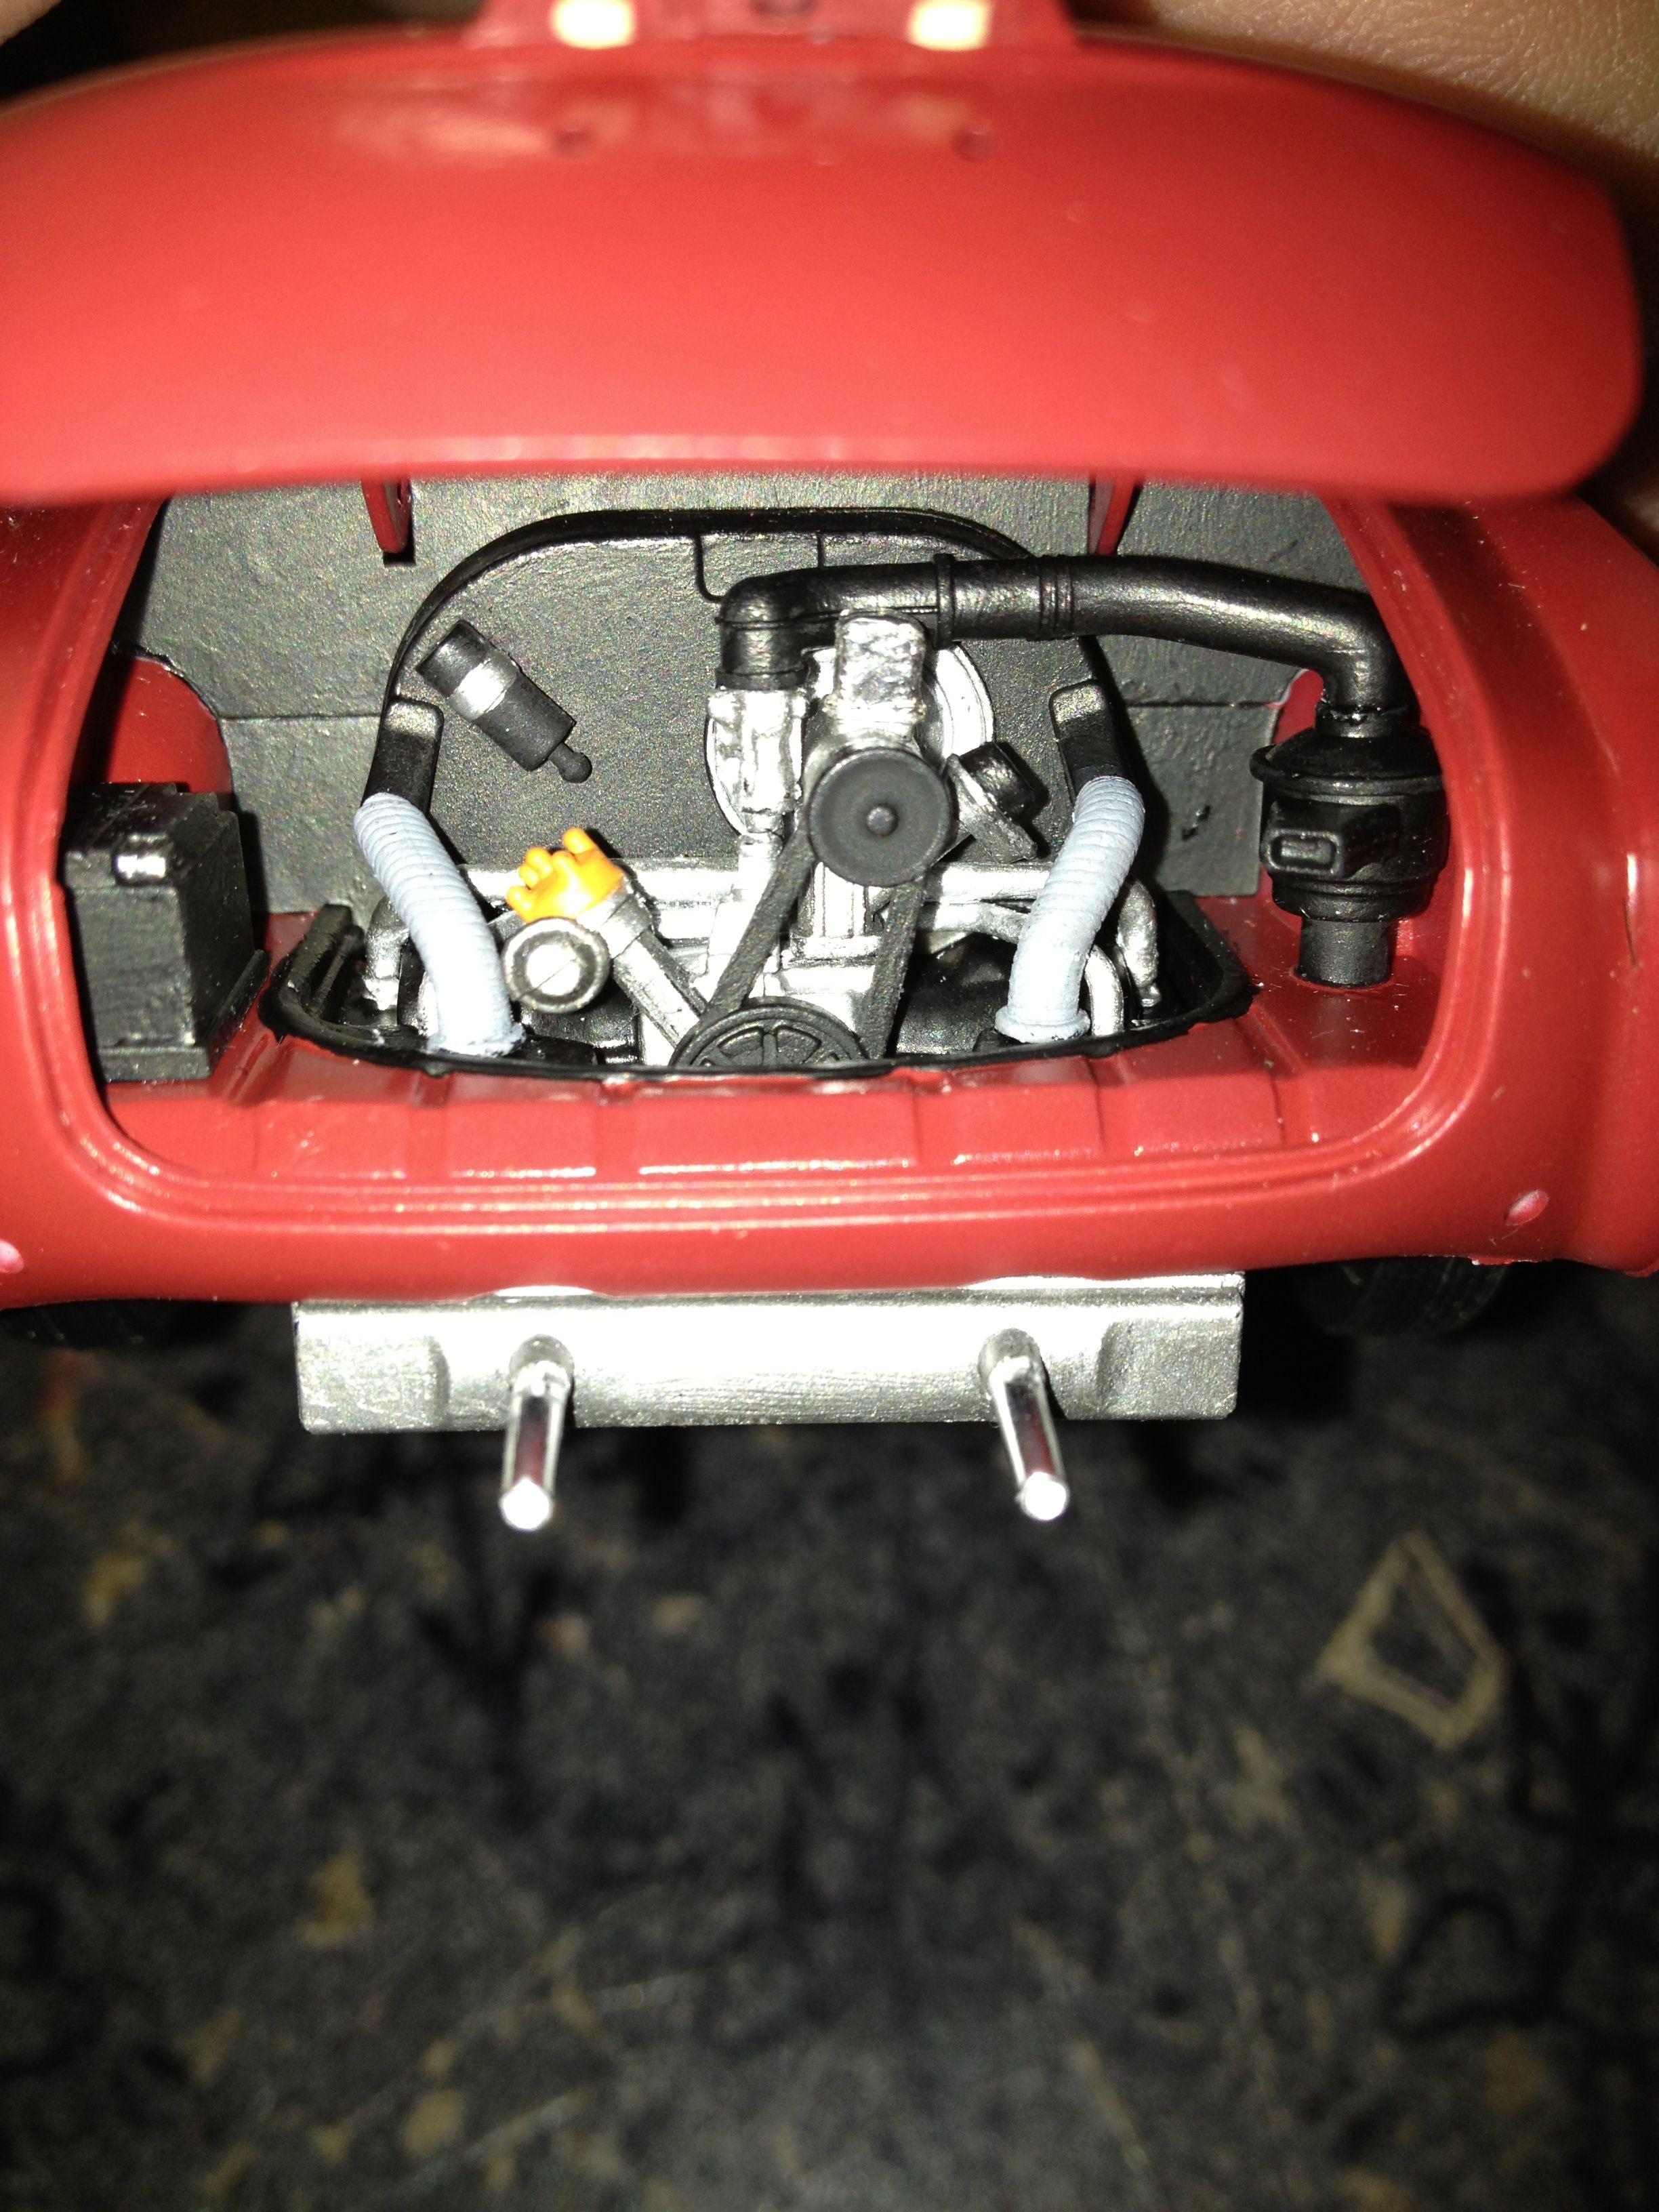 Engine compartment - 1966 VW Karmann Ghia